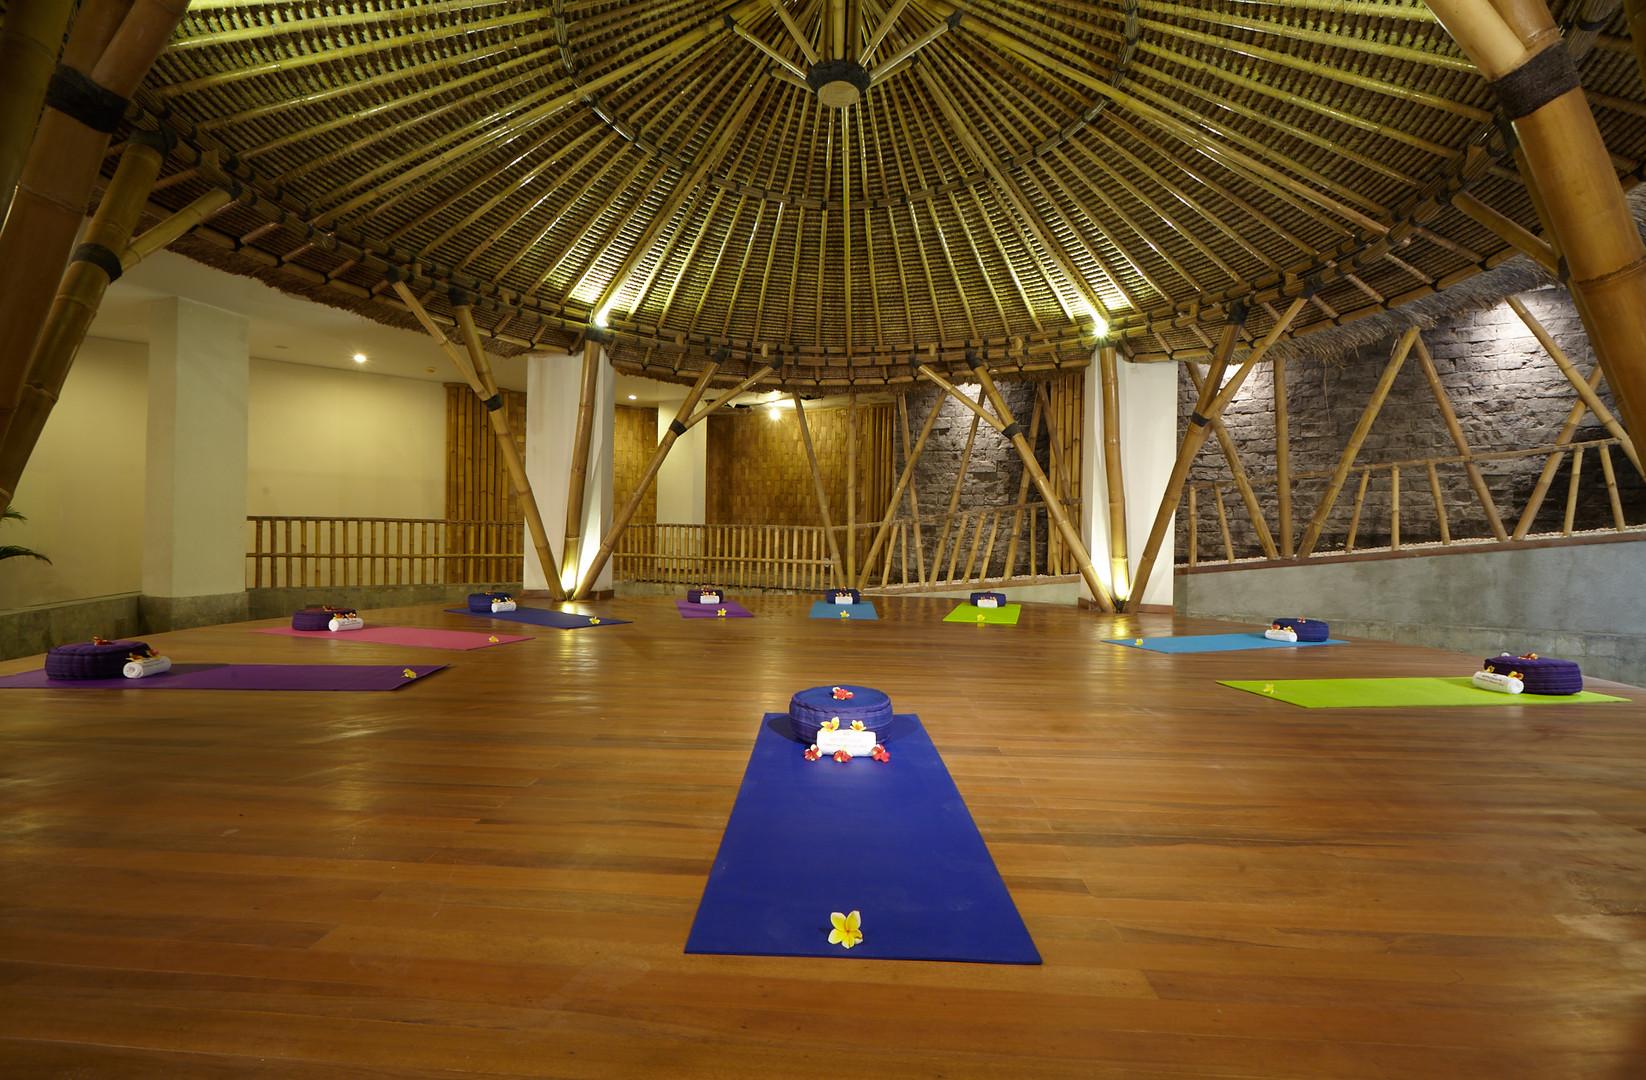 11. Yoga Studio - Wyndham Dreamland Reso